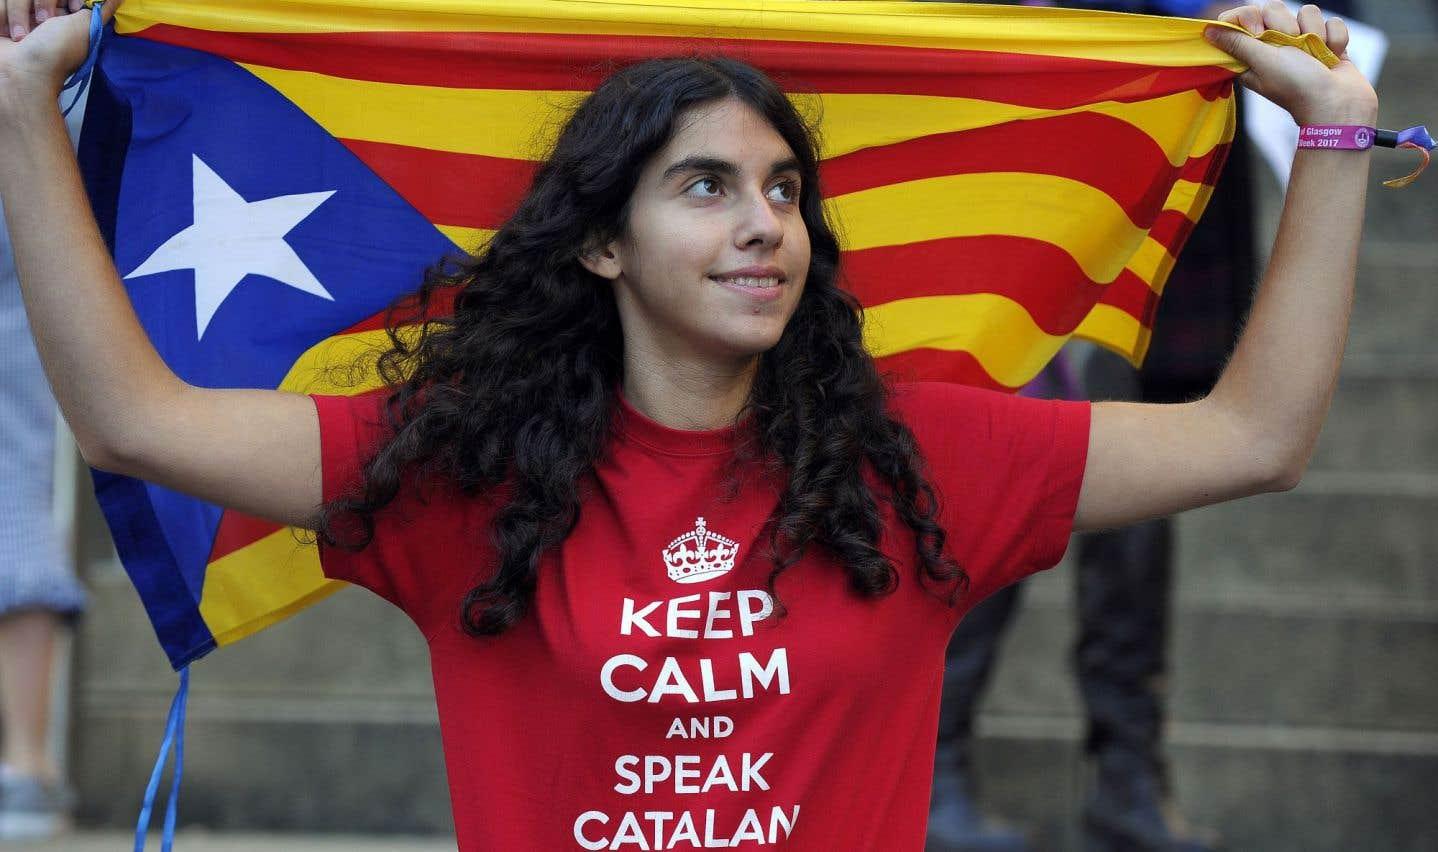 Une partisane de l'indépendance de la Catalogne manifeste dans les rues de Glasgow, en Écosse.